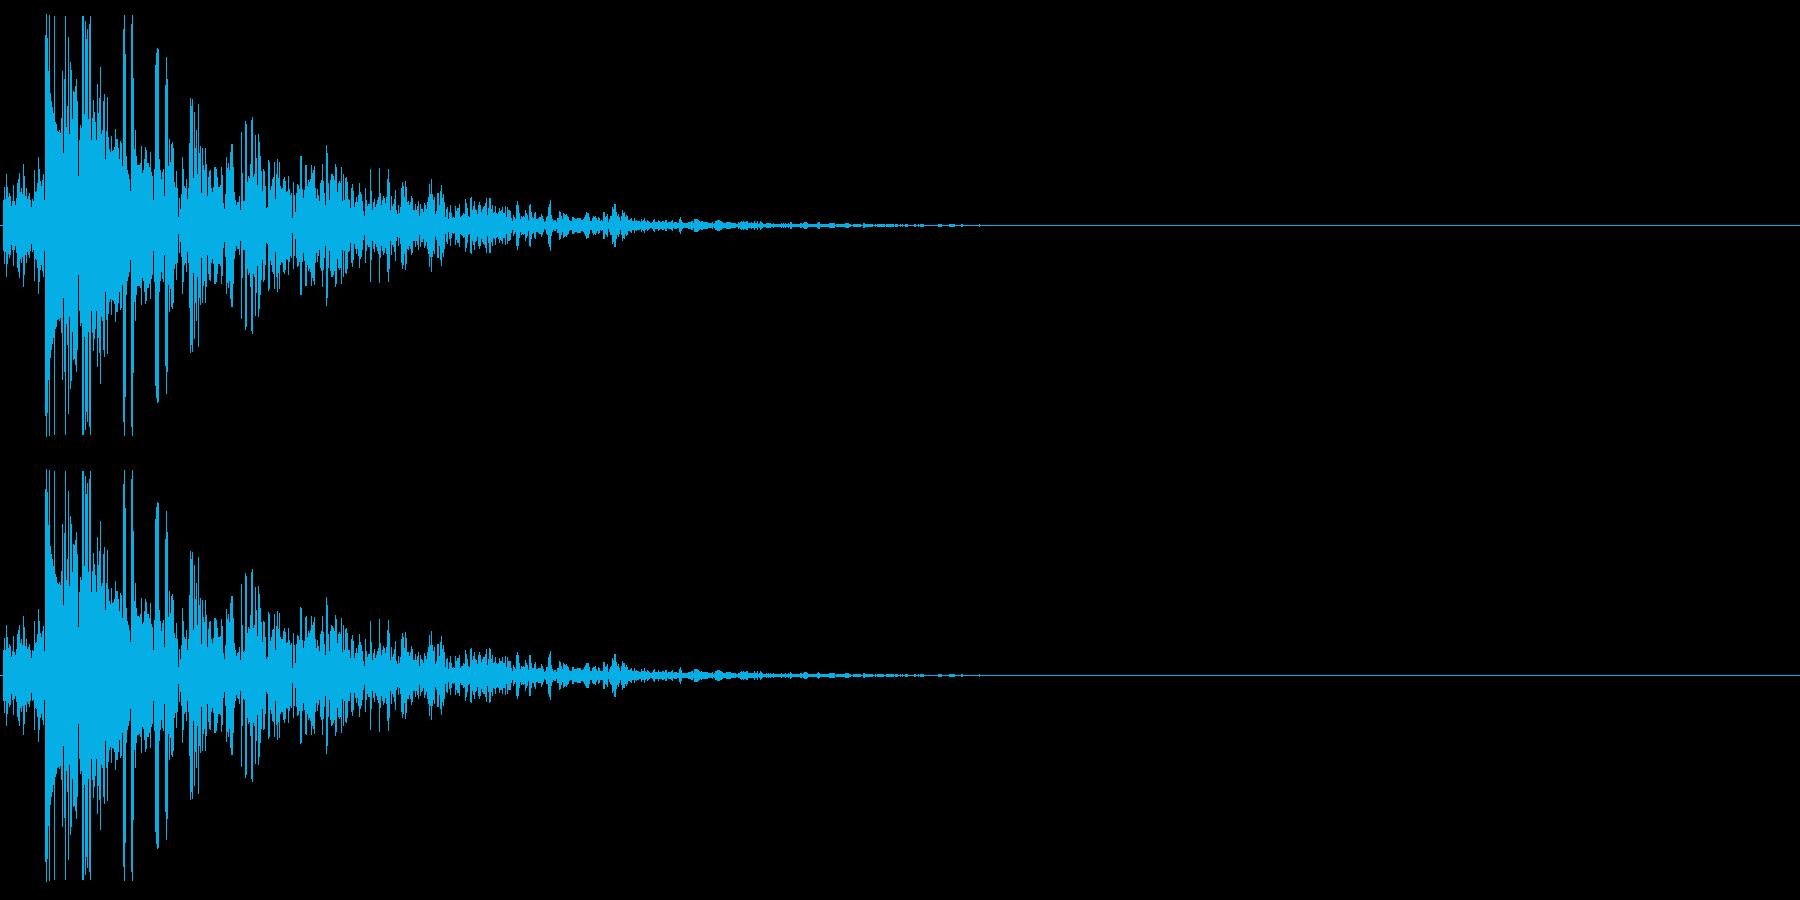 キャラクタが倒れる01(やや重い系)の再生済みの波形